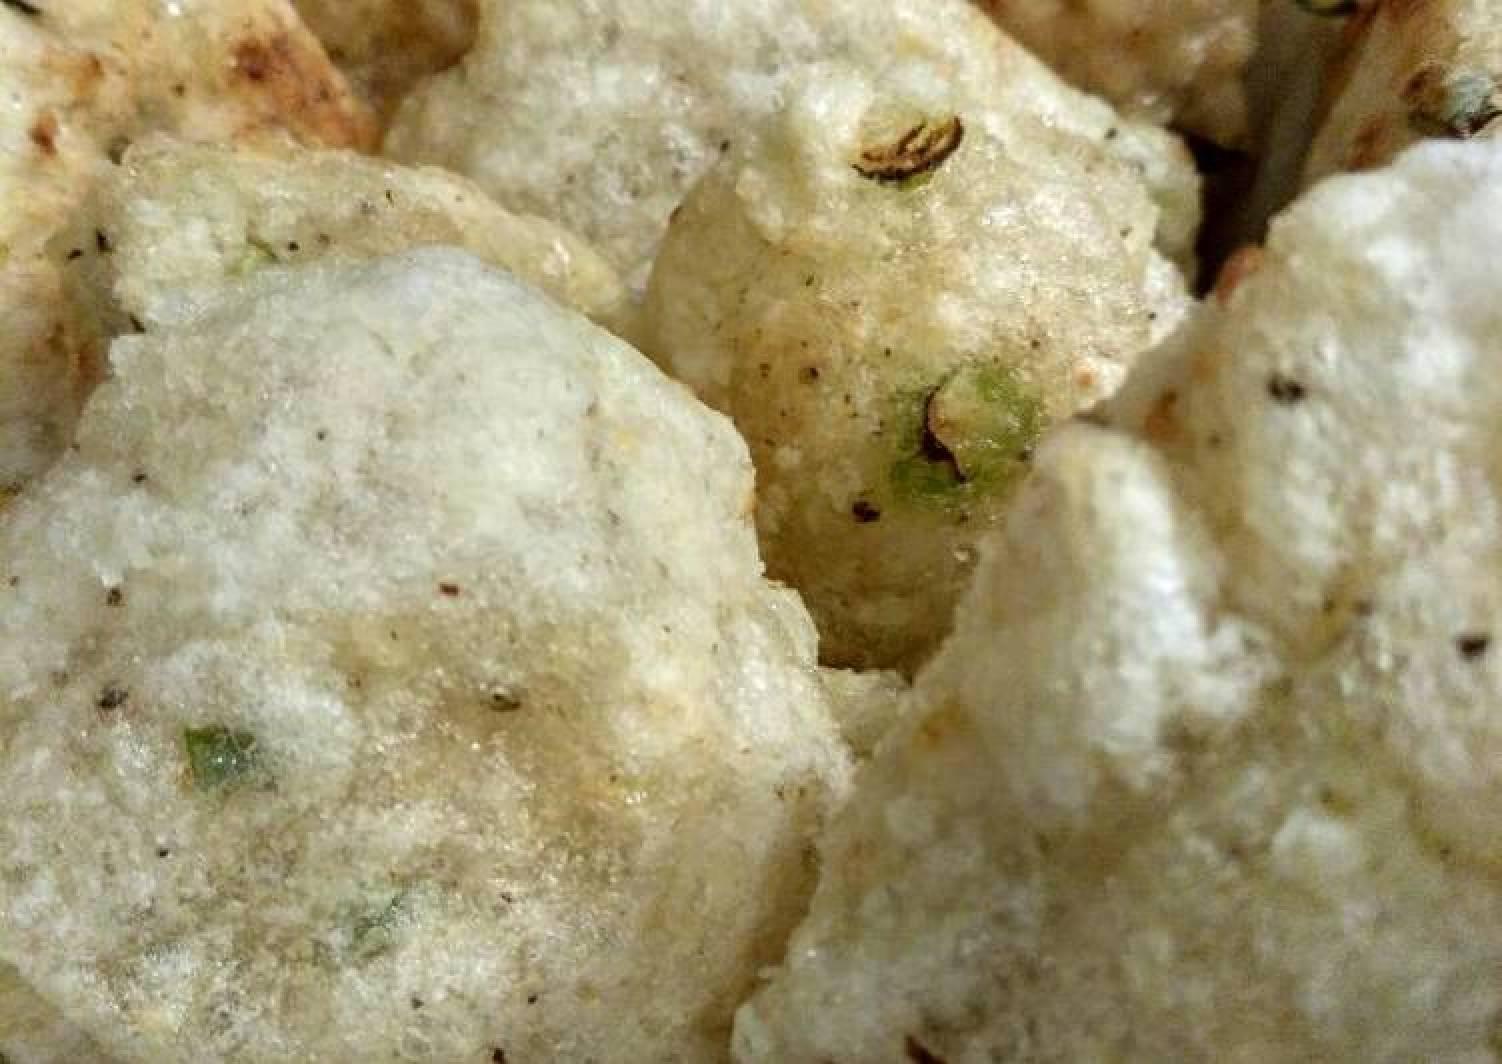 Crunchy Fried Tapioca